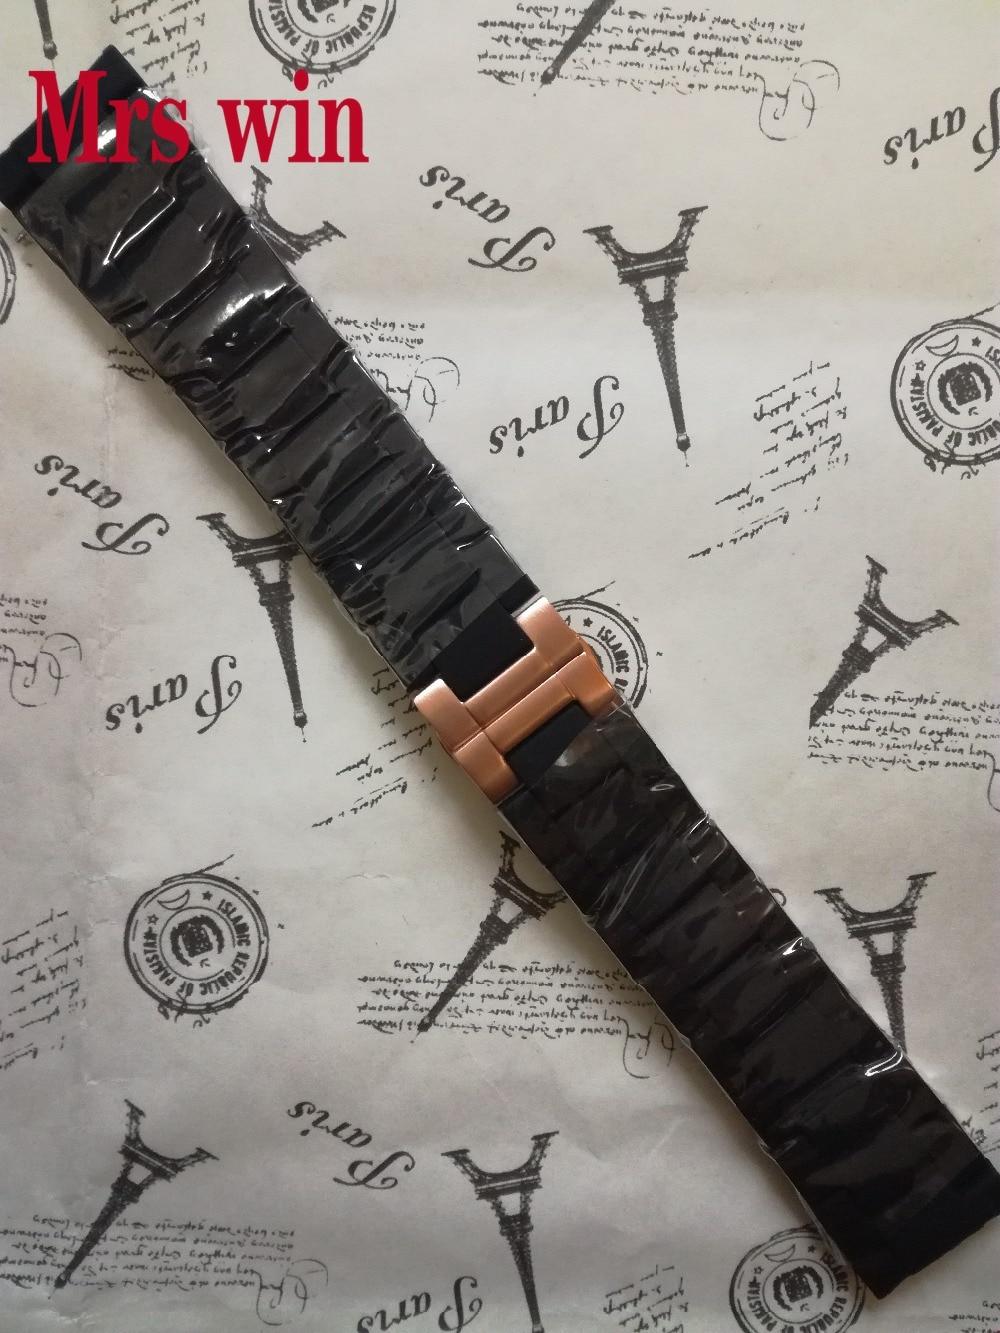 Mrs win Uhrenarmbänder Gummi silikon wrap Rose gold Edelstahl Armband armband für Uhren Zubehör Heißer Verkauf-in Uhrenbänder aus Uhren bei  Gruppe 1